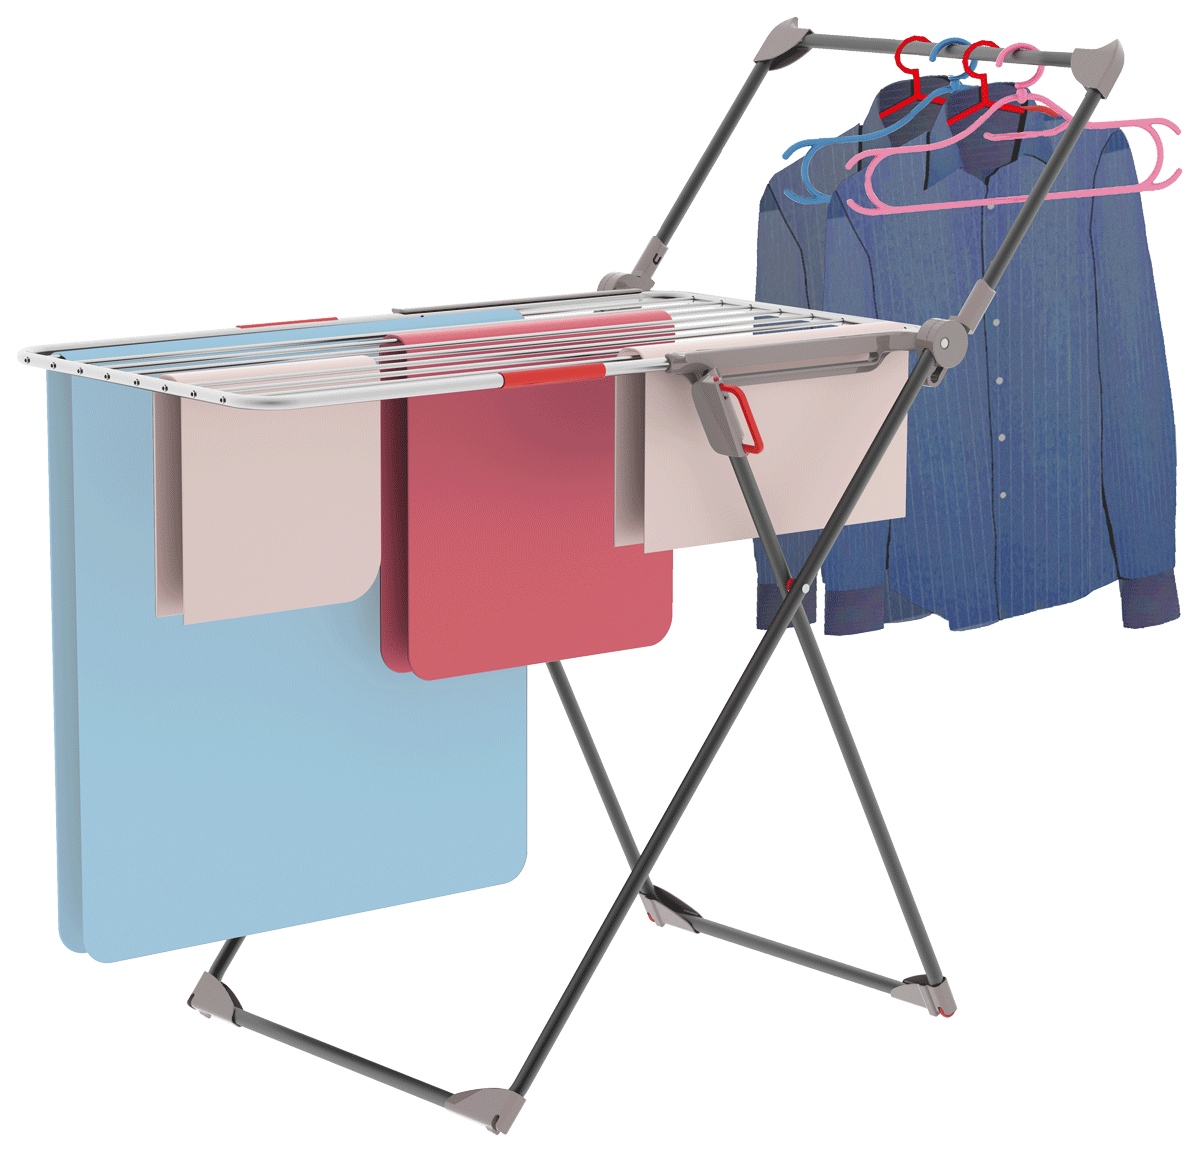 hagro w schetrockner olympo g nstig kaufen w schest nder. Black Bedroom Furniture Sets. Home Design Ideas